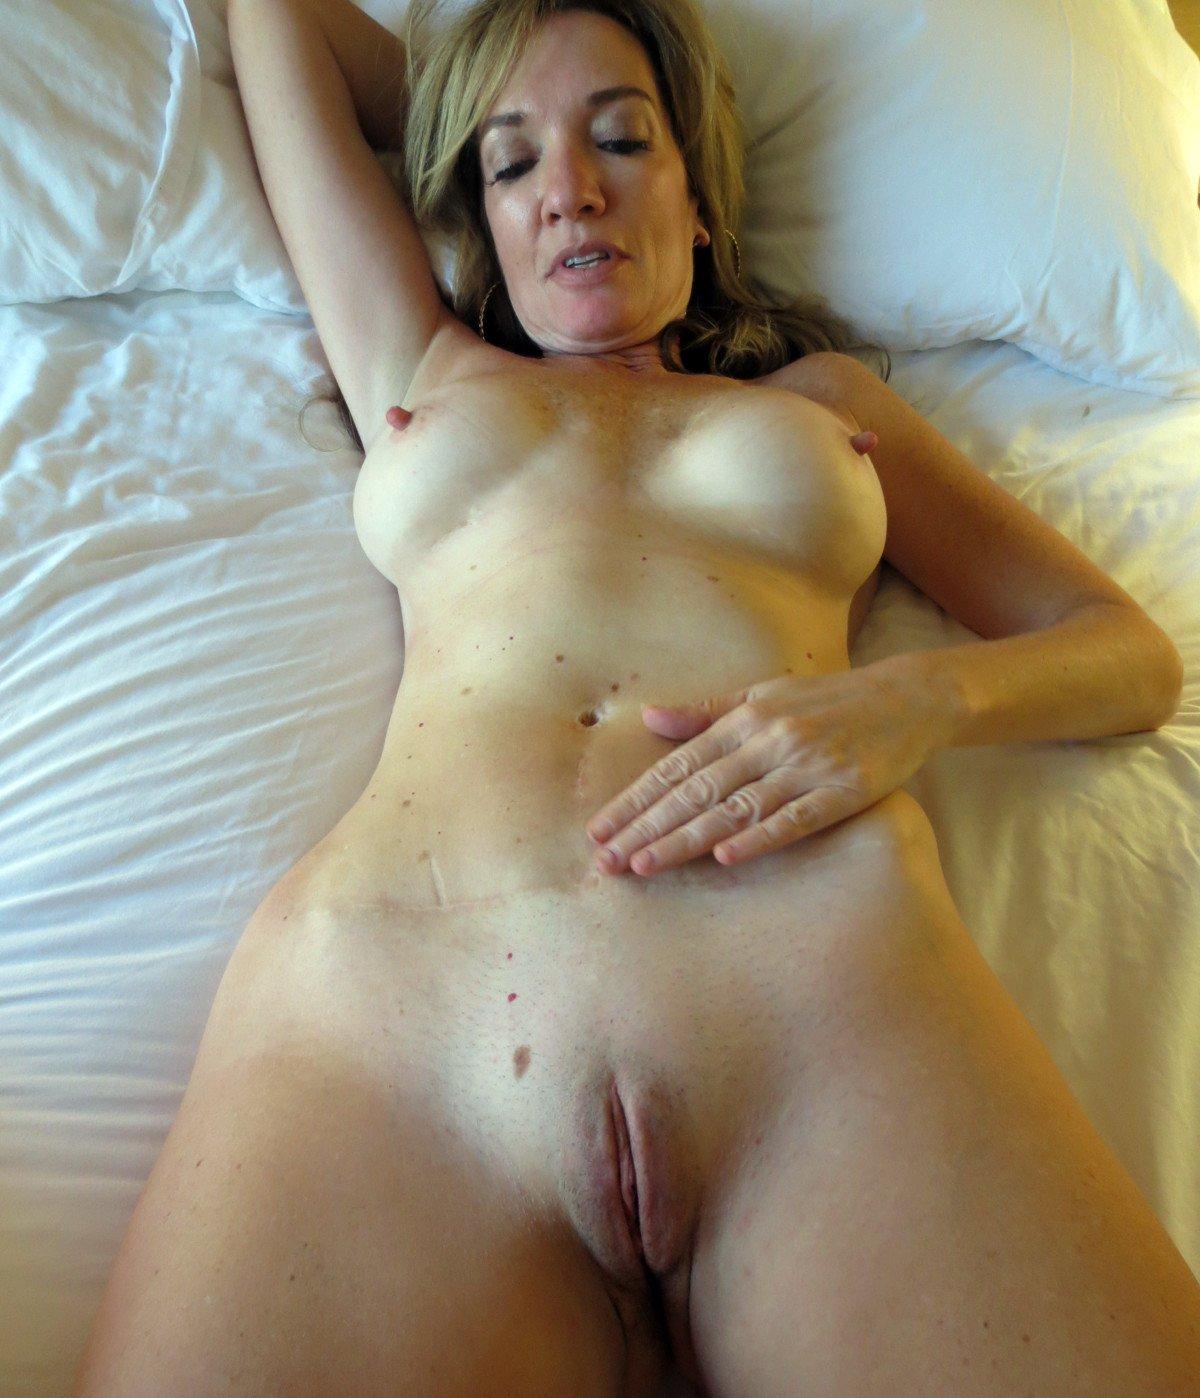 Housewife selfies naked Wife Selfie